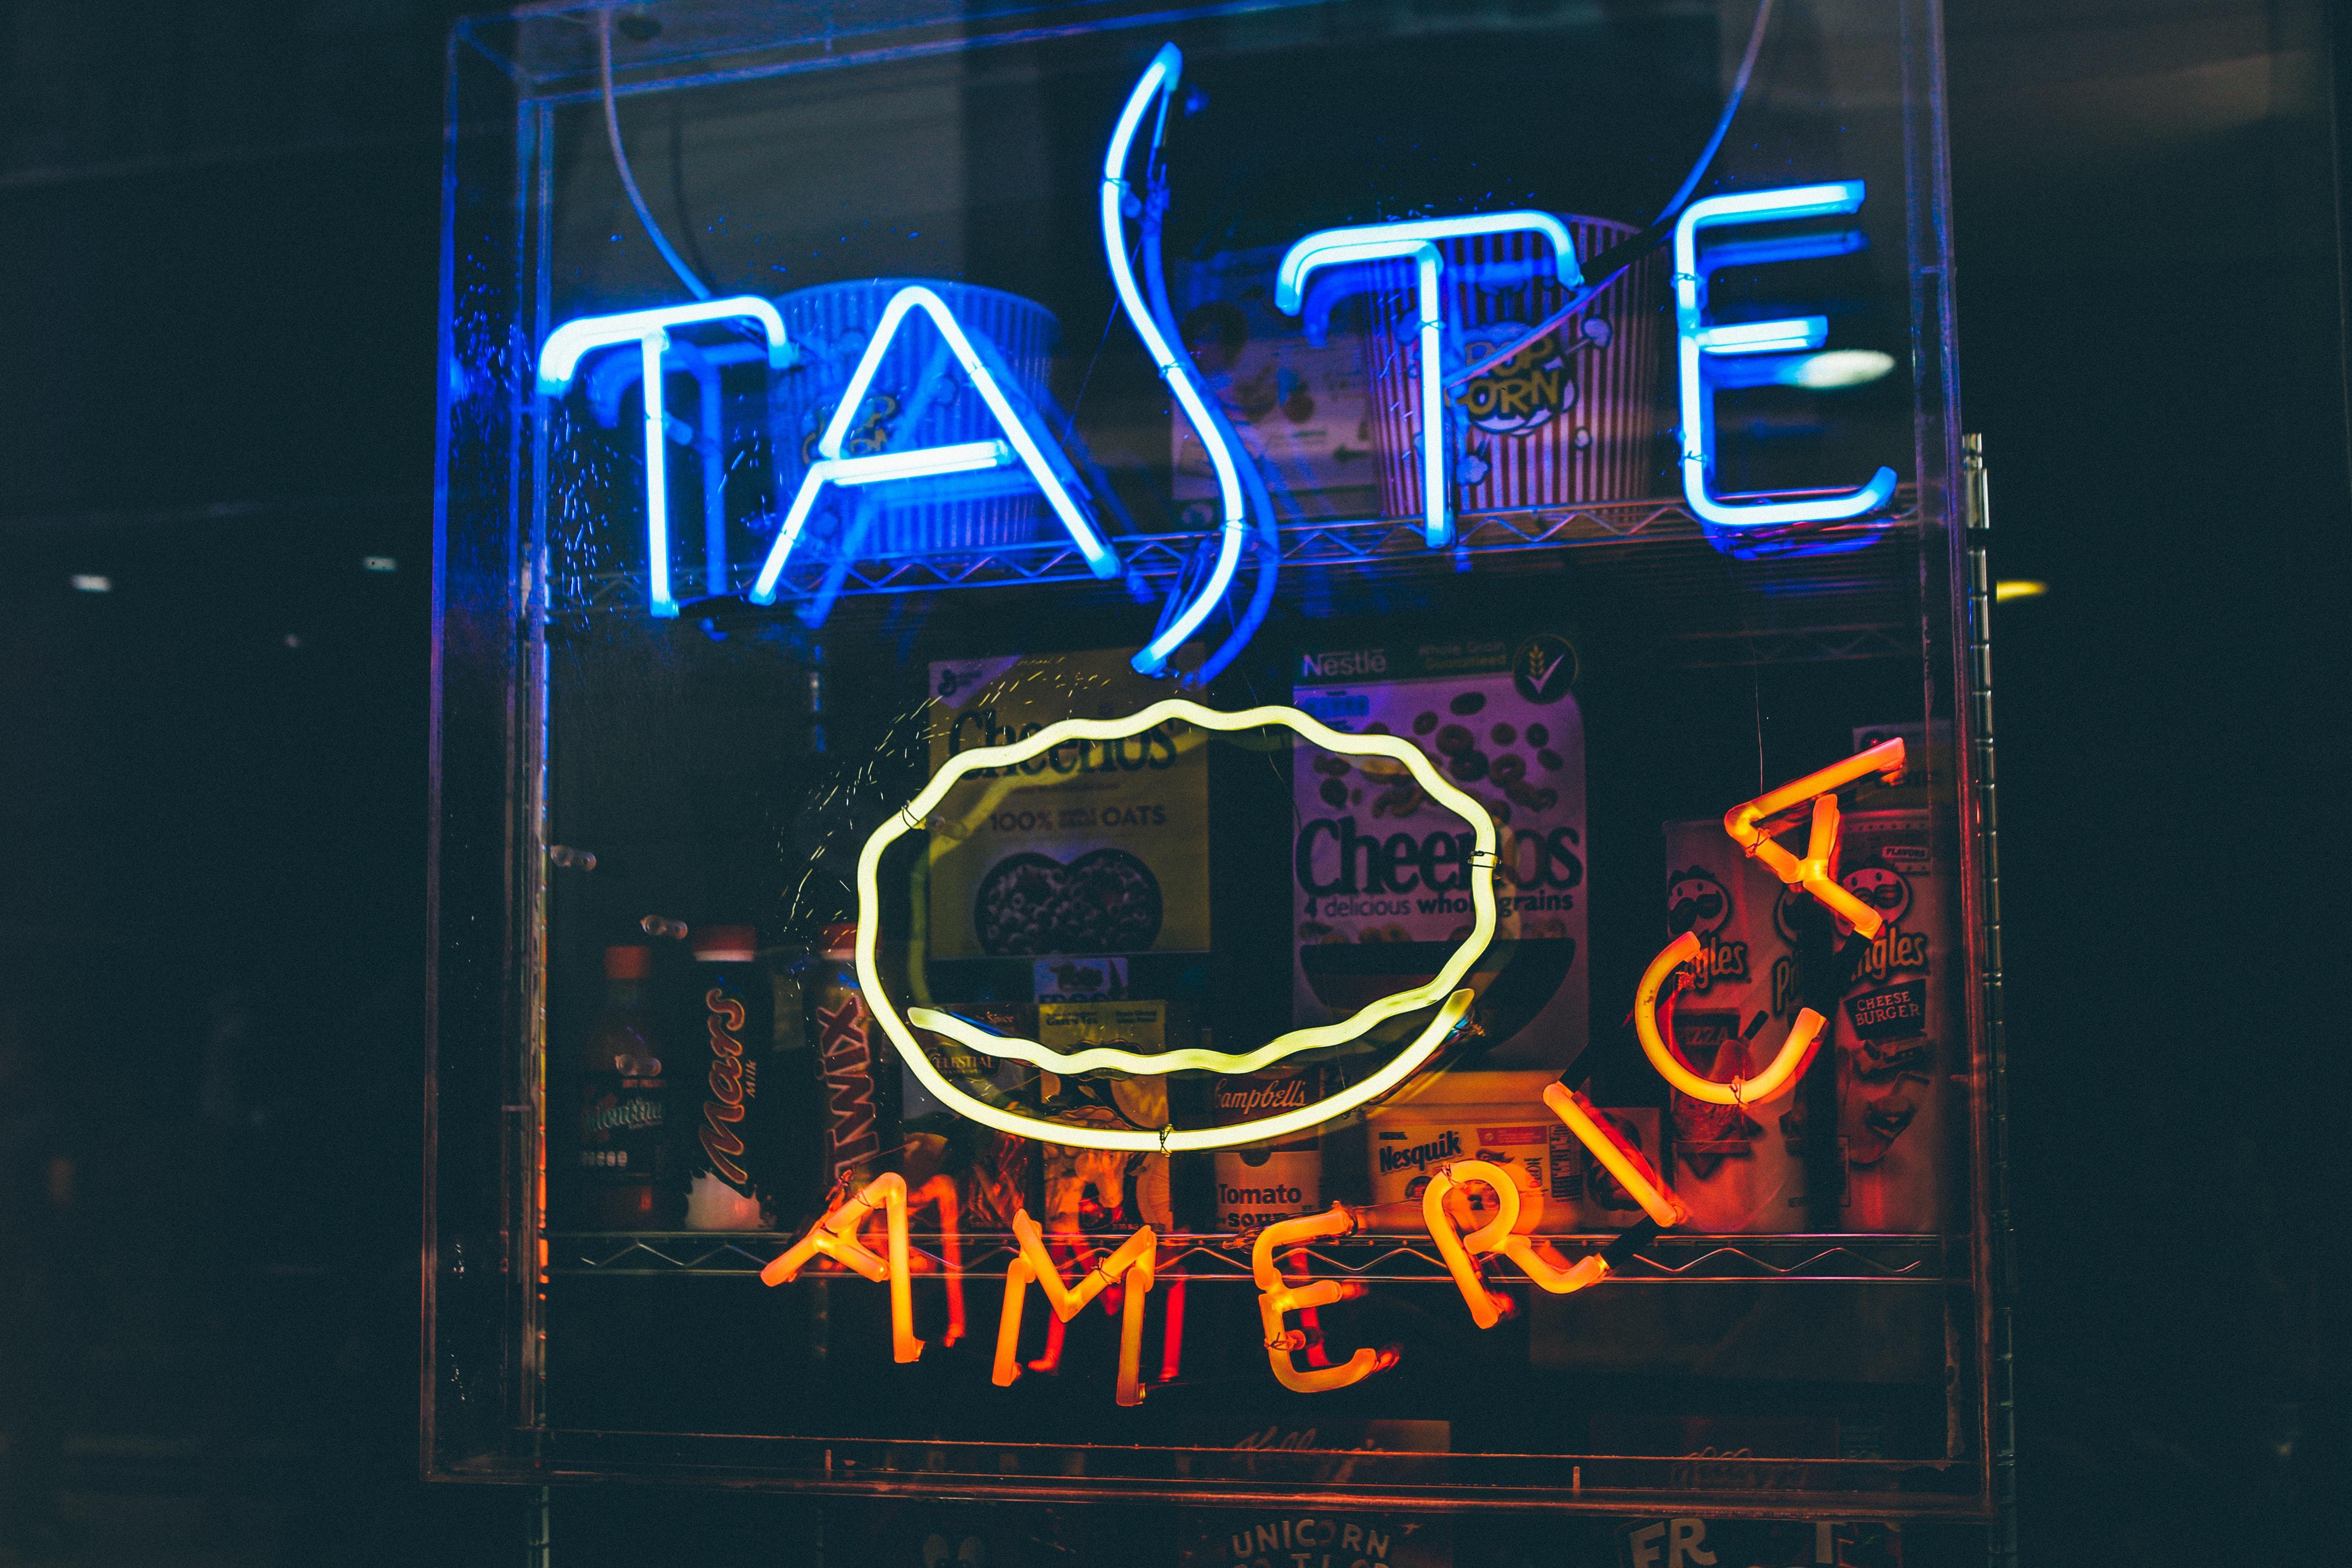 Taste America neon light signage